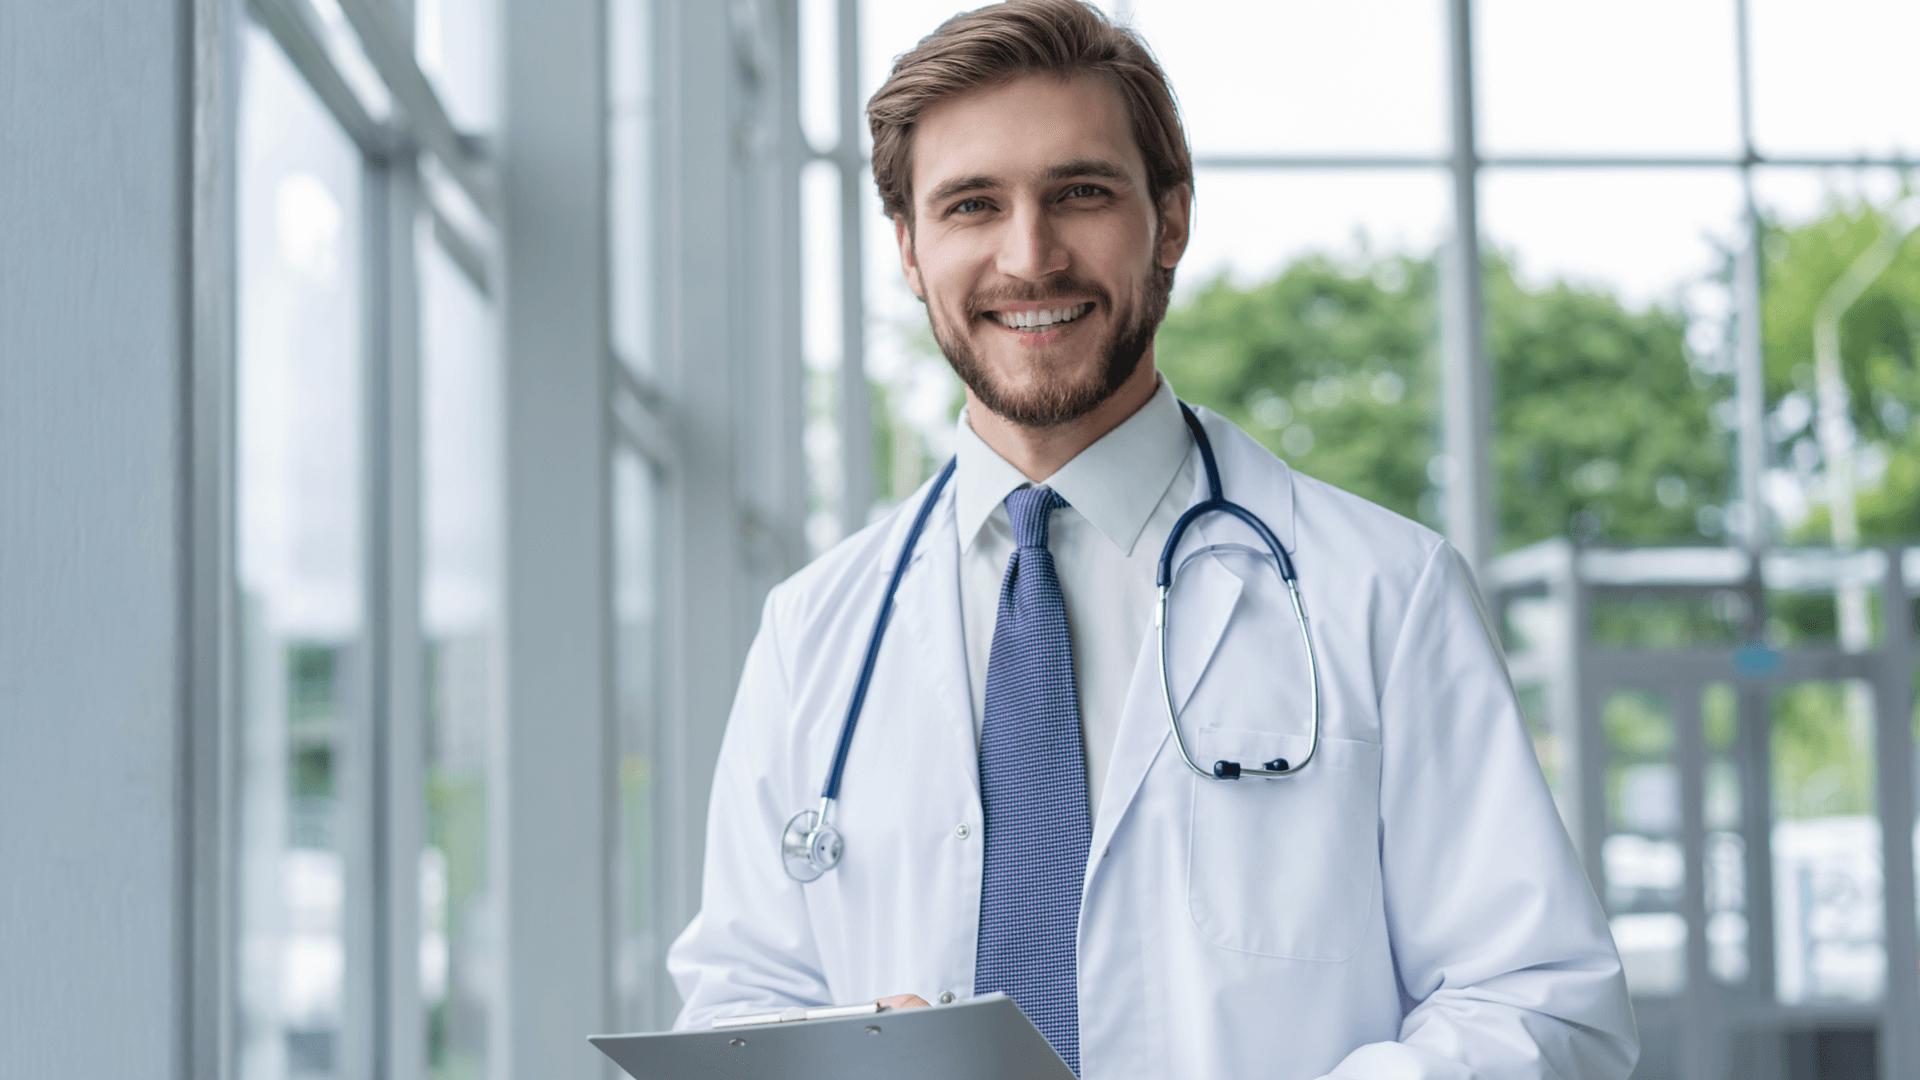 Aktualizacja drEryk eGabinet 2.20 - lekarz w praktyce prywatnej